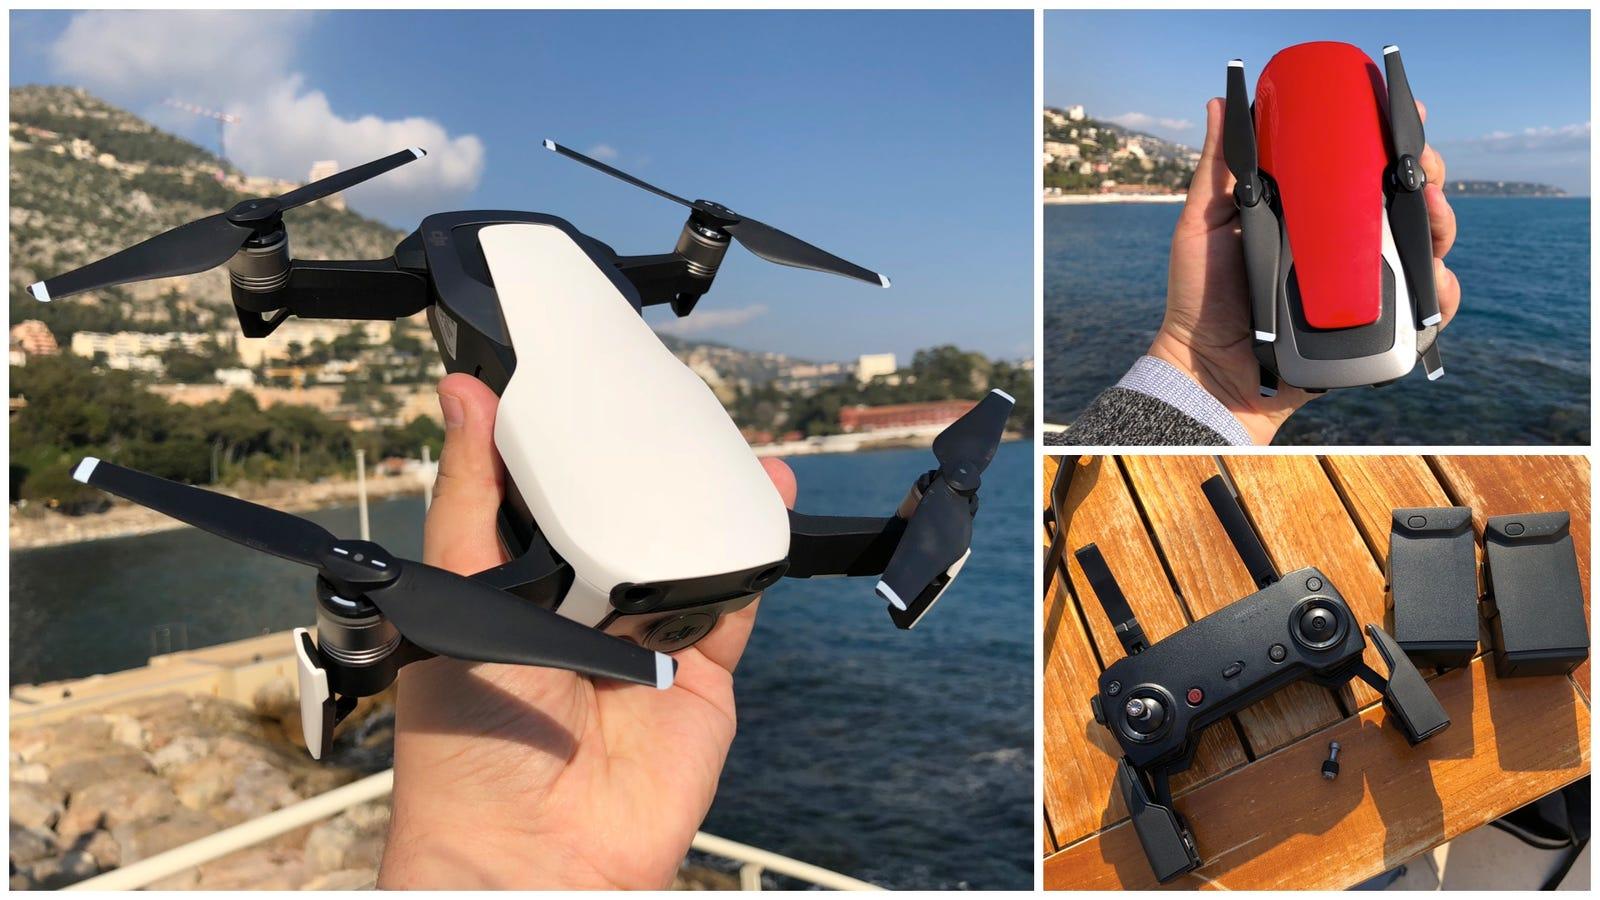 Probamos el DJI Mavic Air: este es el dron que estabas esperando